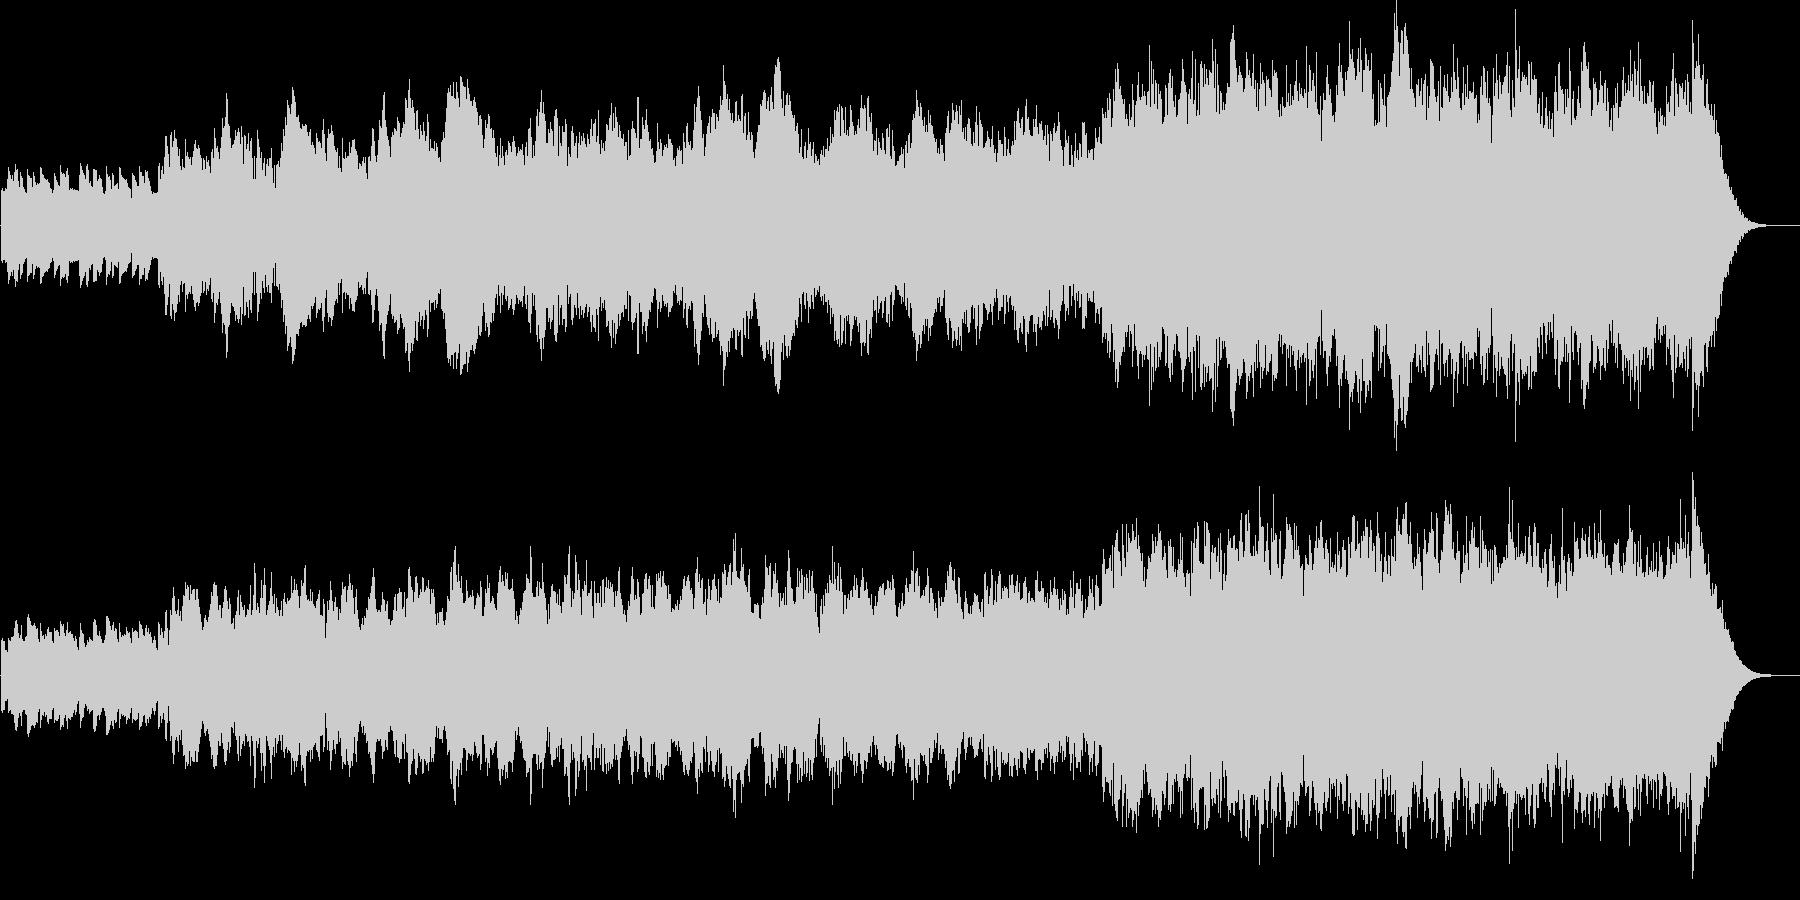 チェロとハープの不思議で幻想的な曲の未再生の波形